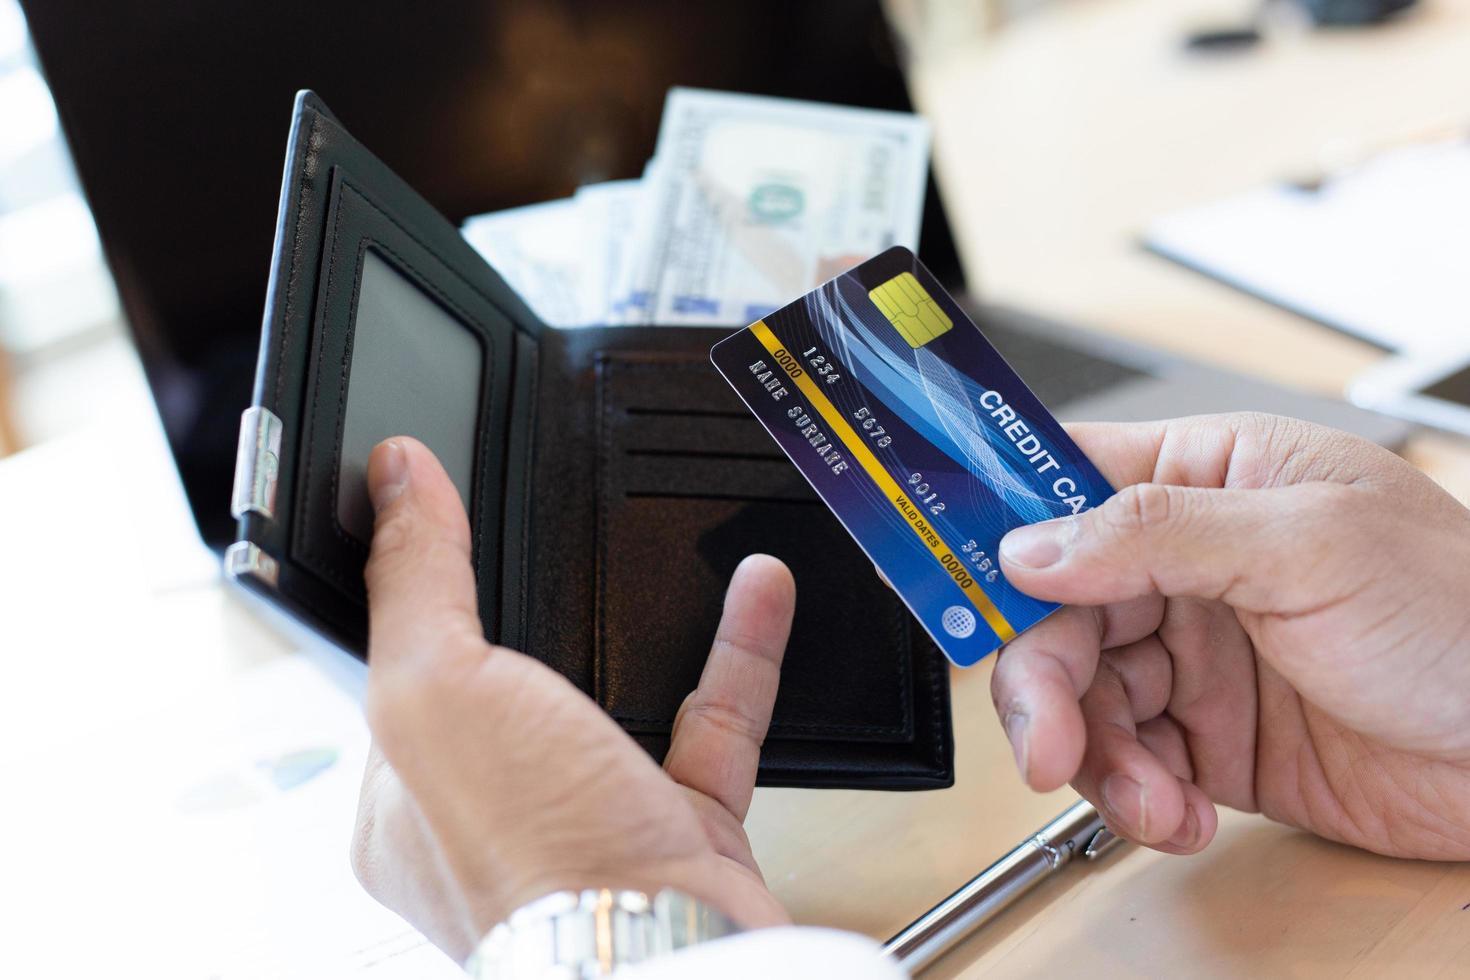 finanziare persona utilizzando la carta di credito al lavoro foto